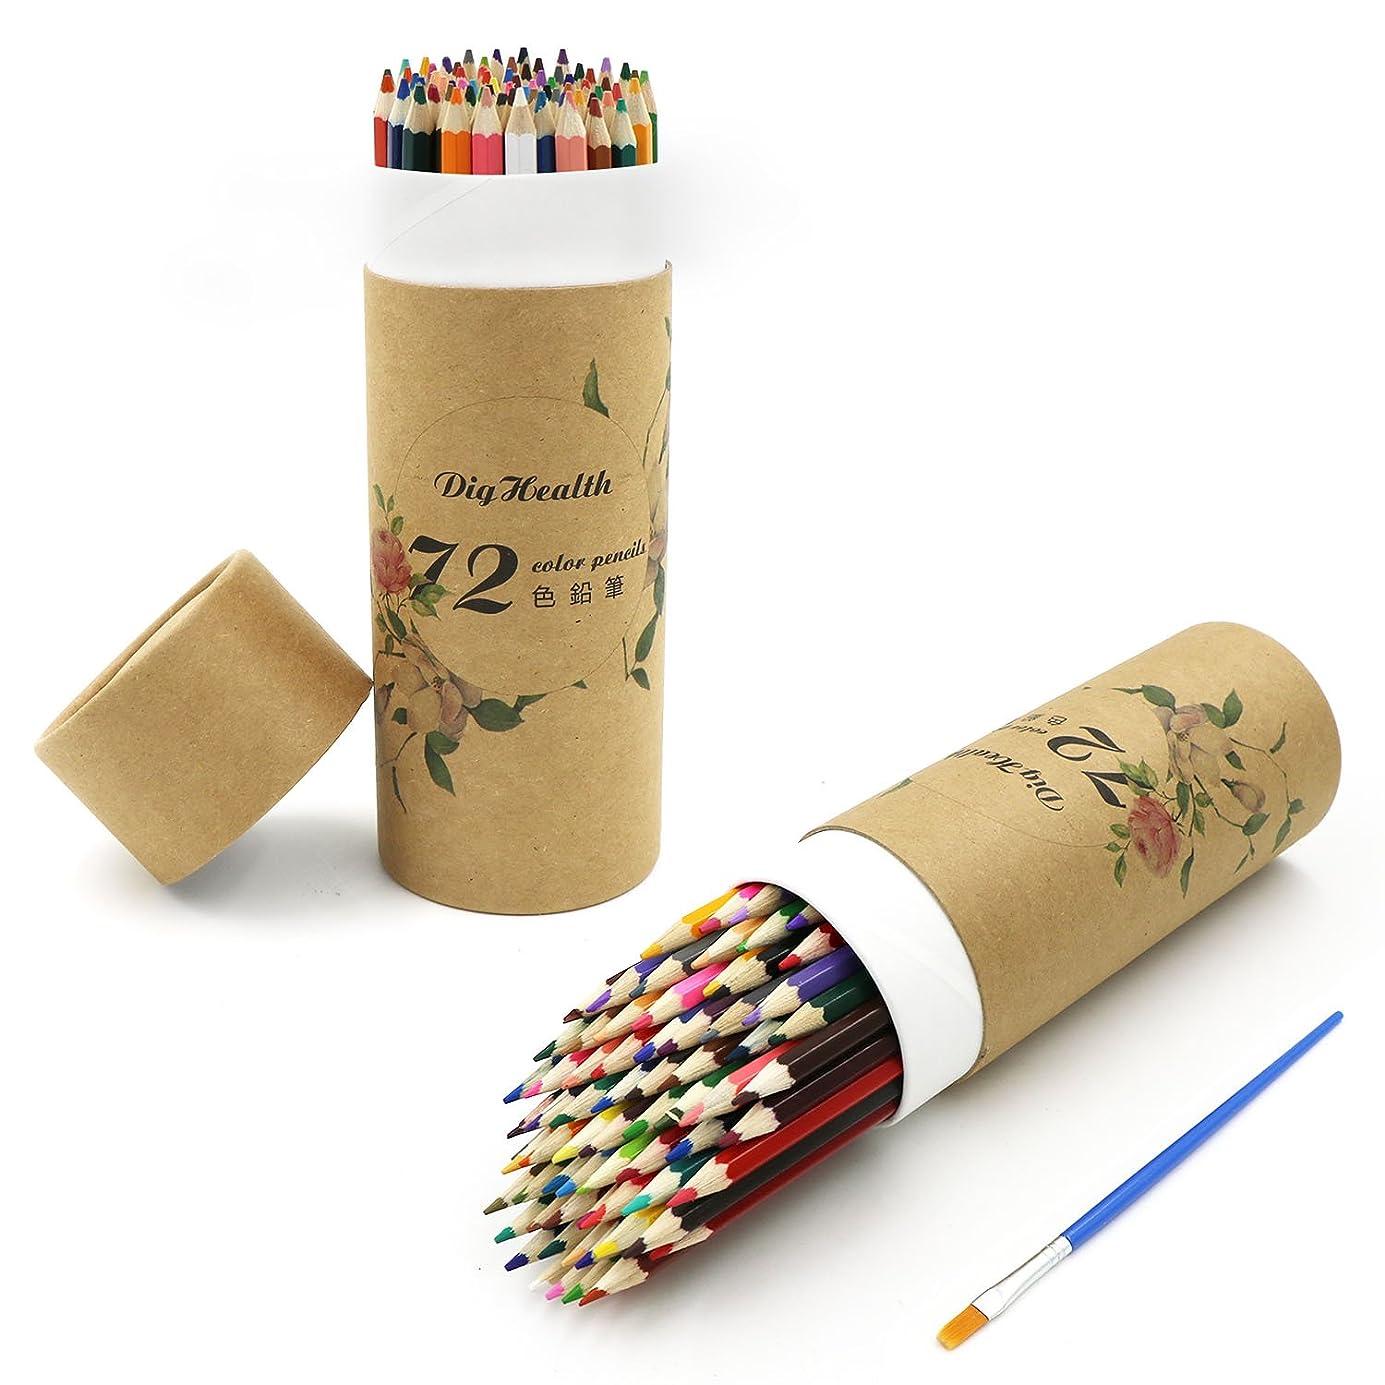 歯痛ドキドキ現金L'ÉMOUCHET ペイントブラシ&鉛筆ホルダー 文具収納 ペンスタンド ペン立て 86本 マーカーペン、色鉛筆、水彩毛筆適用 水彩画 油絵 ペイント